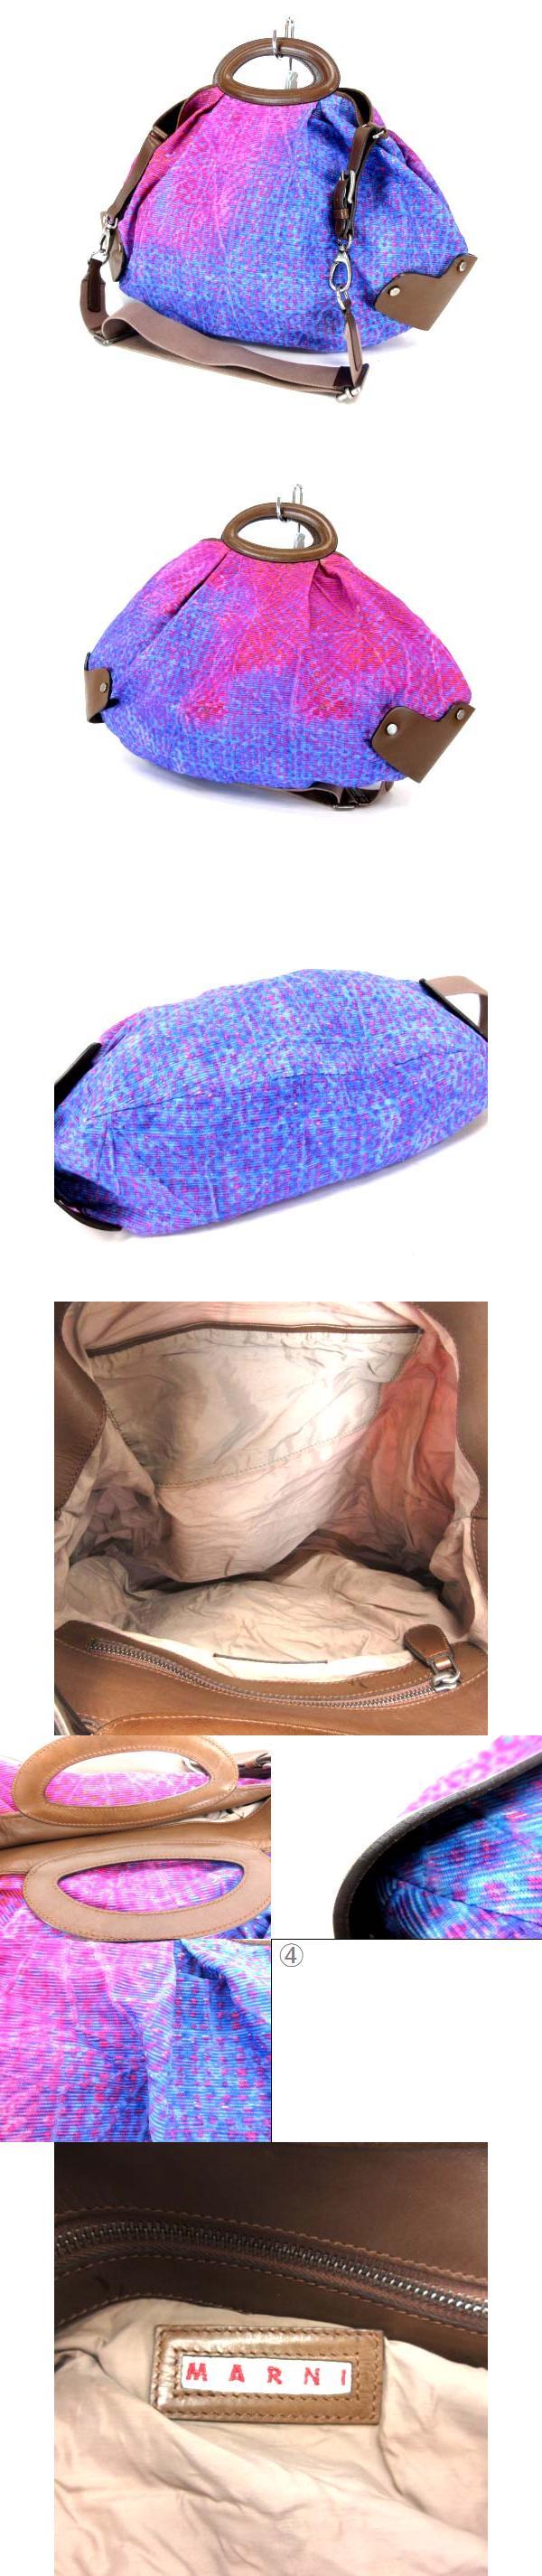 ショルダーバッグ ハンドバッグ 2way ファブリック レザー グラデーション 総柄 ピンク ブルー ※MH190321